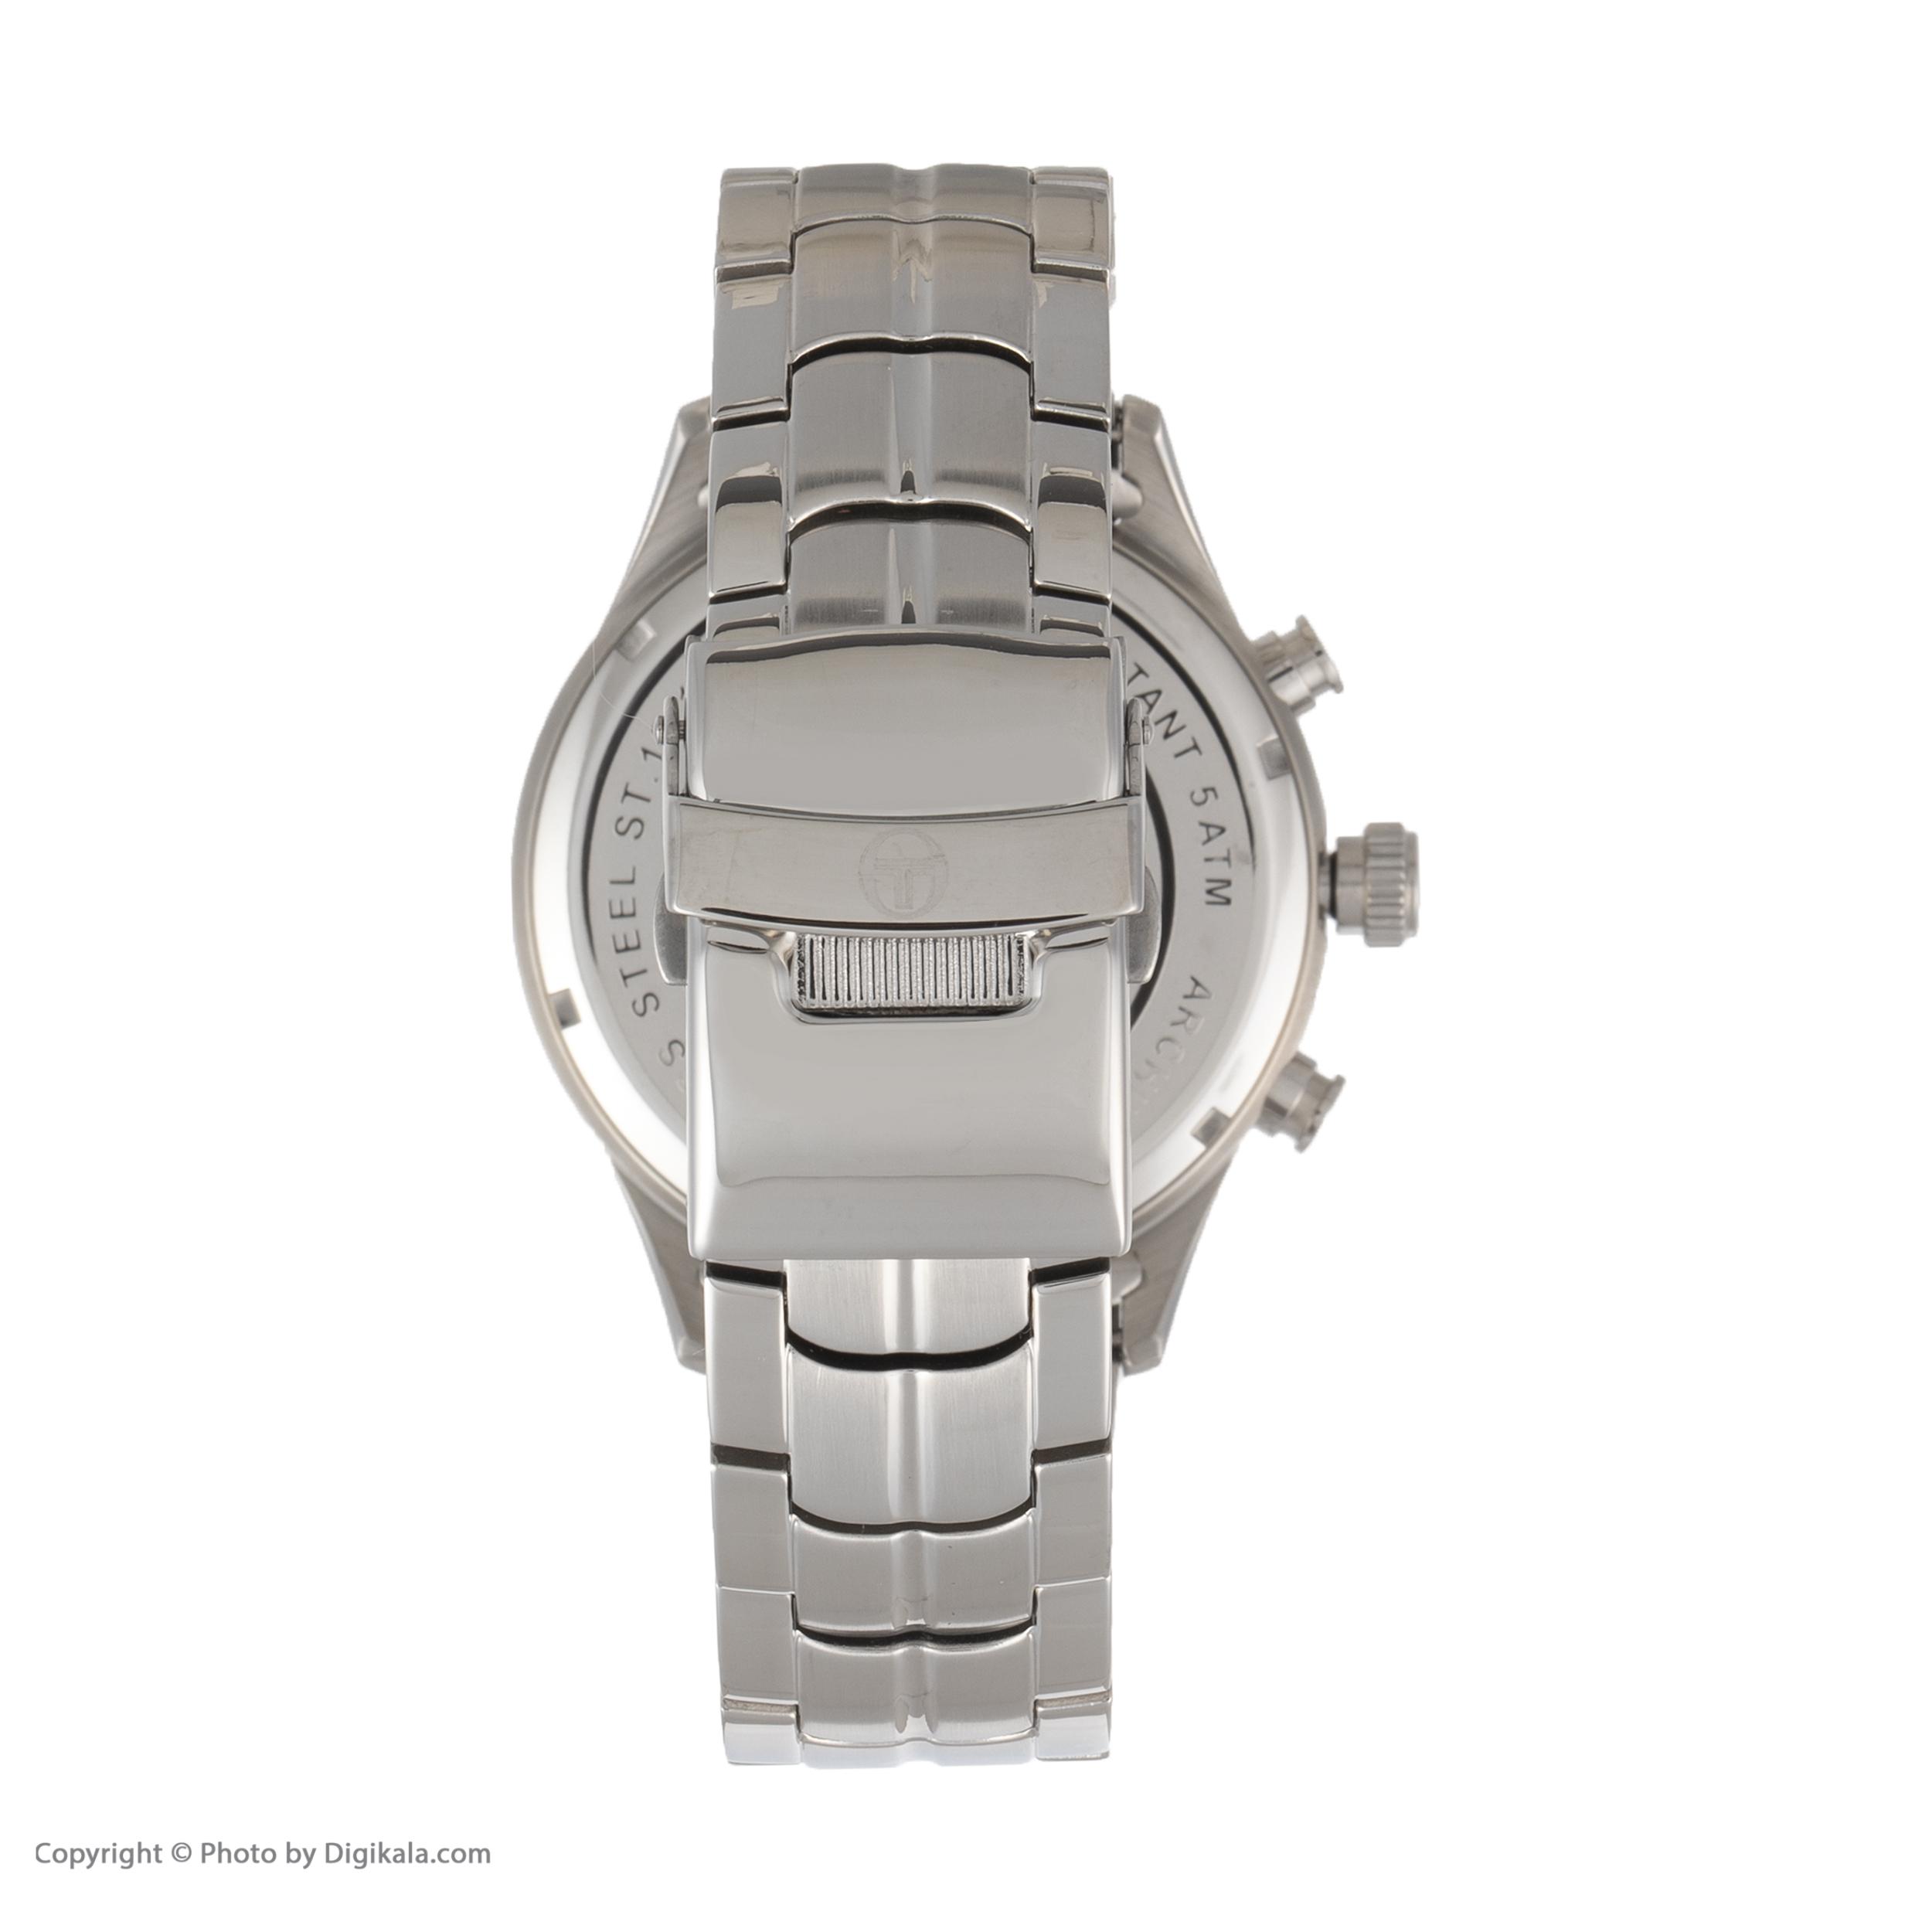 ساعت مچی عقربه ای مردانه سرجیو تاچینی مدل ST.19.102.04 -  - 2